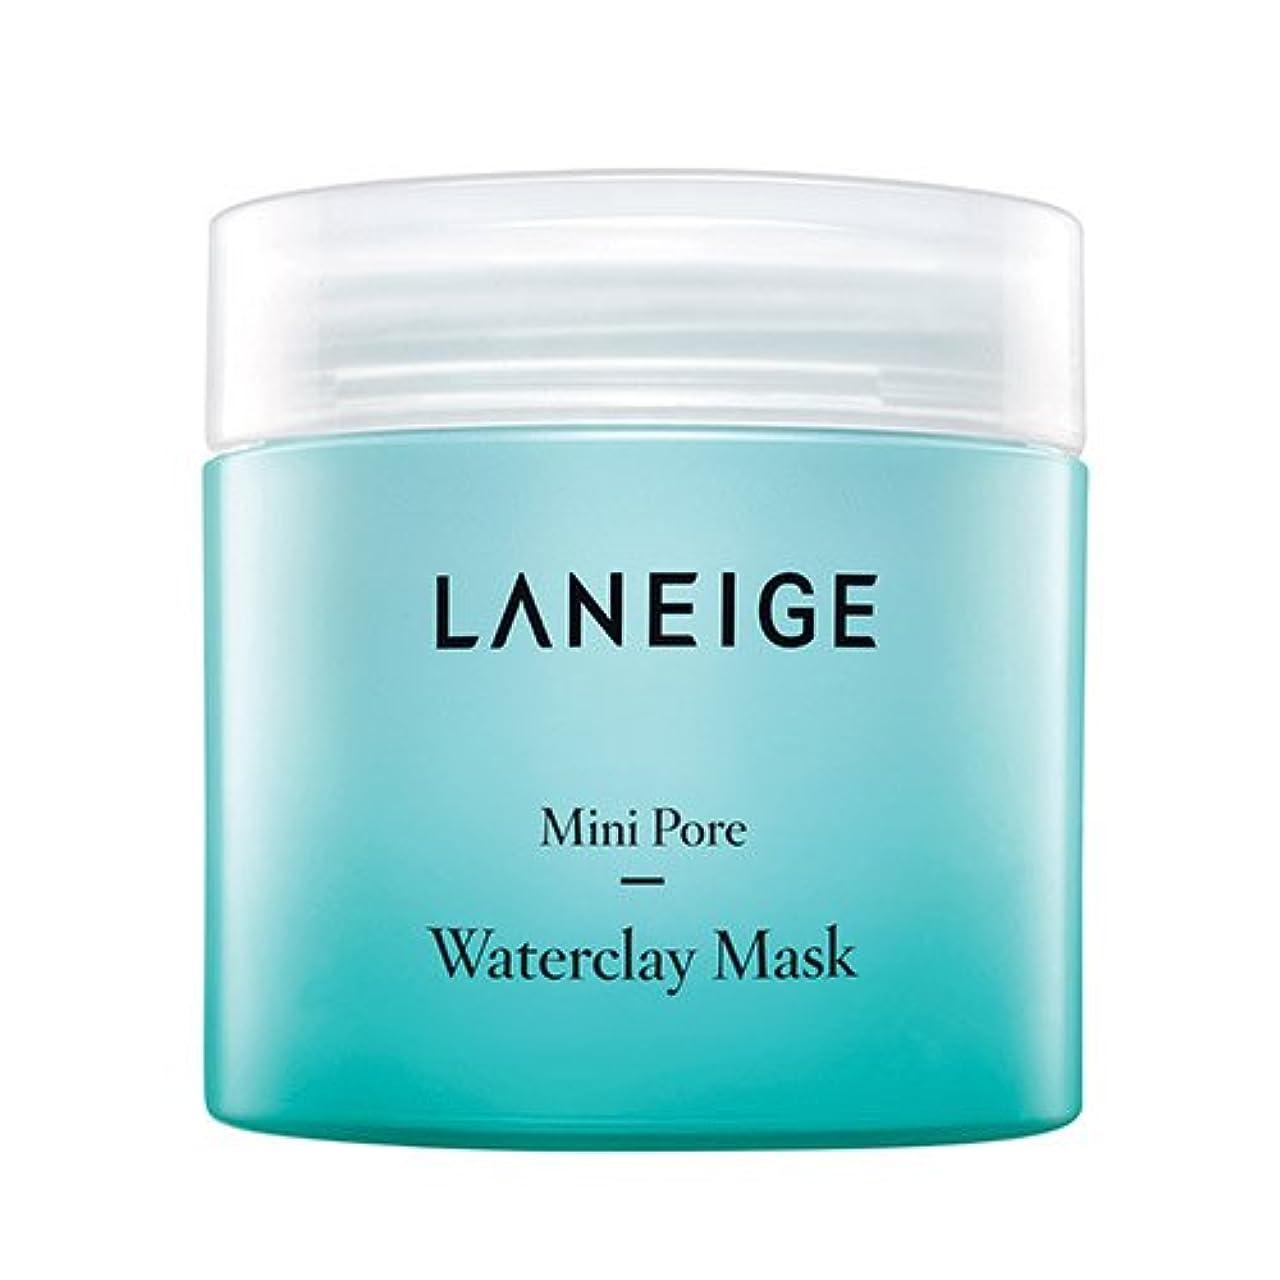 オフセットスイス人コースラネージュ Mini Pore Waterclay Mask 70ml/2.37oz並行輸入品